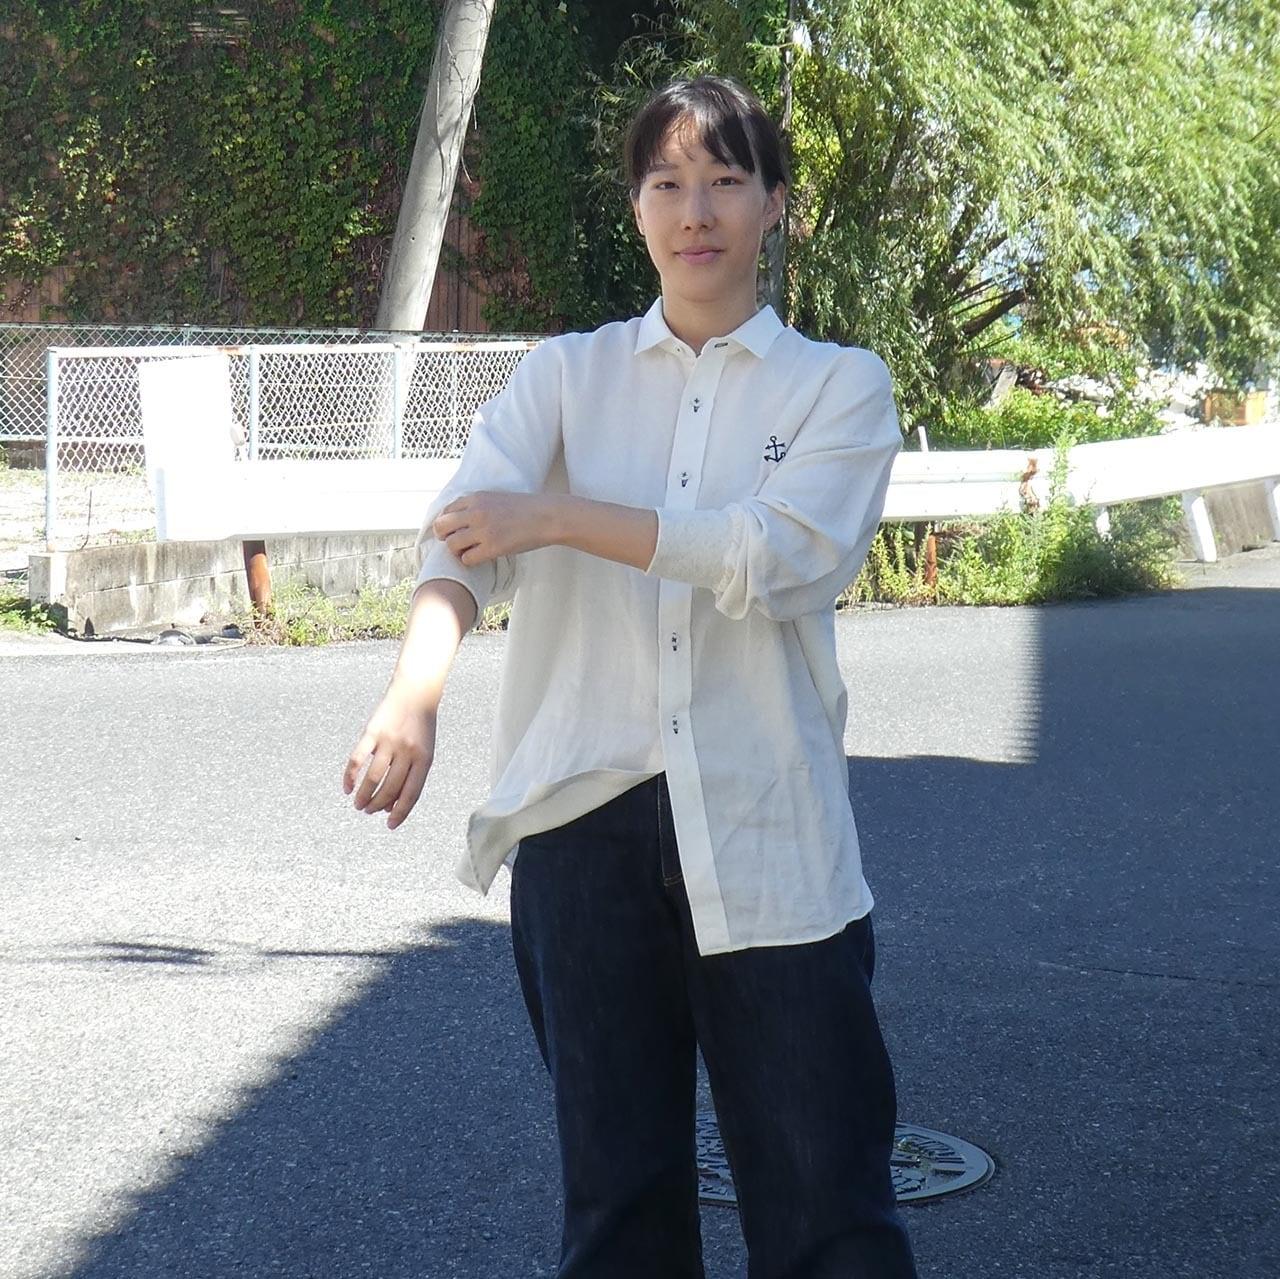 リネン/レーヨン ビッグシルエットツートーンシャツ